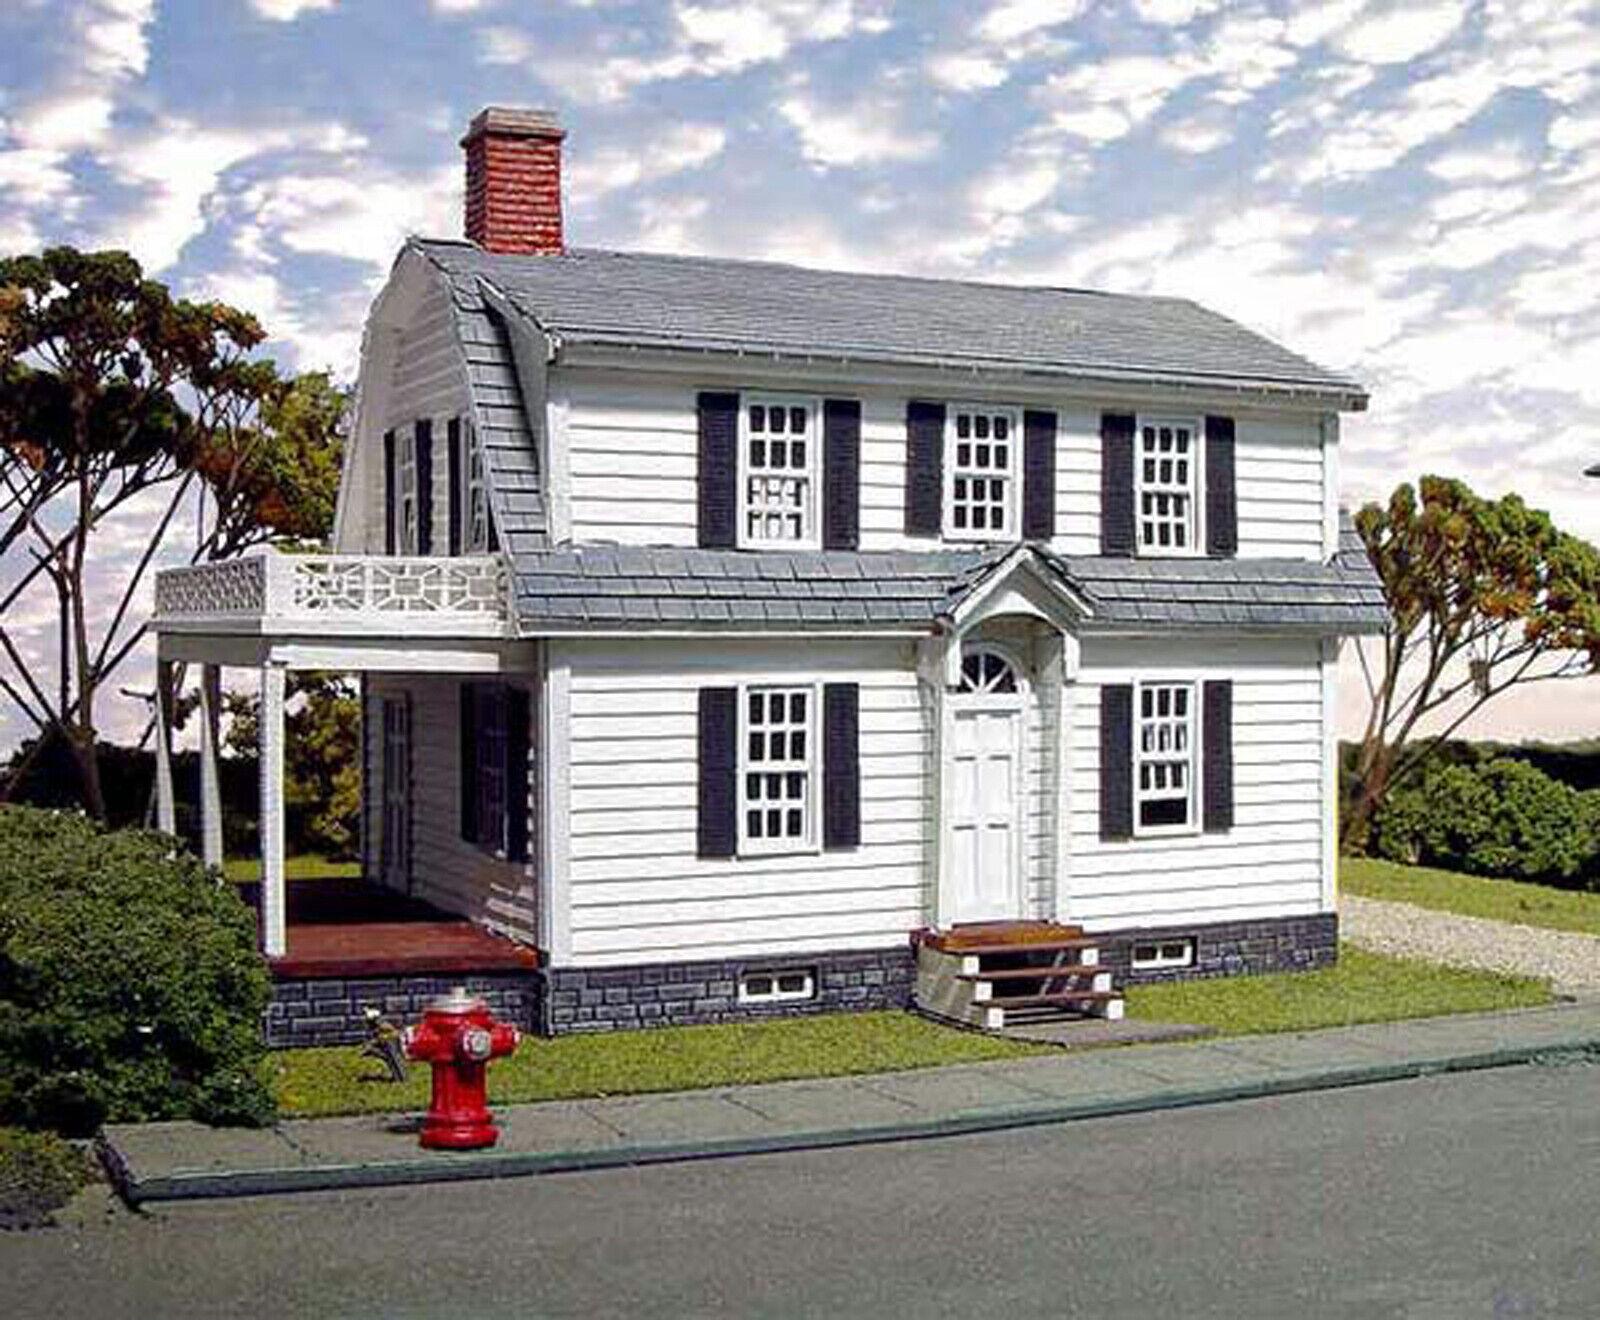 OXFORD HOUSE HO Model Railroad Structure Unpainted Laser-Cut Wood Kit LA617